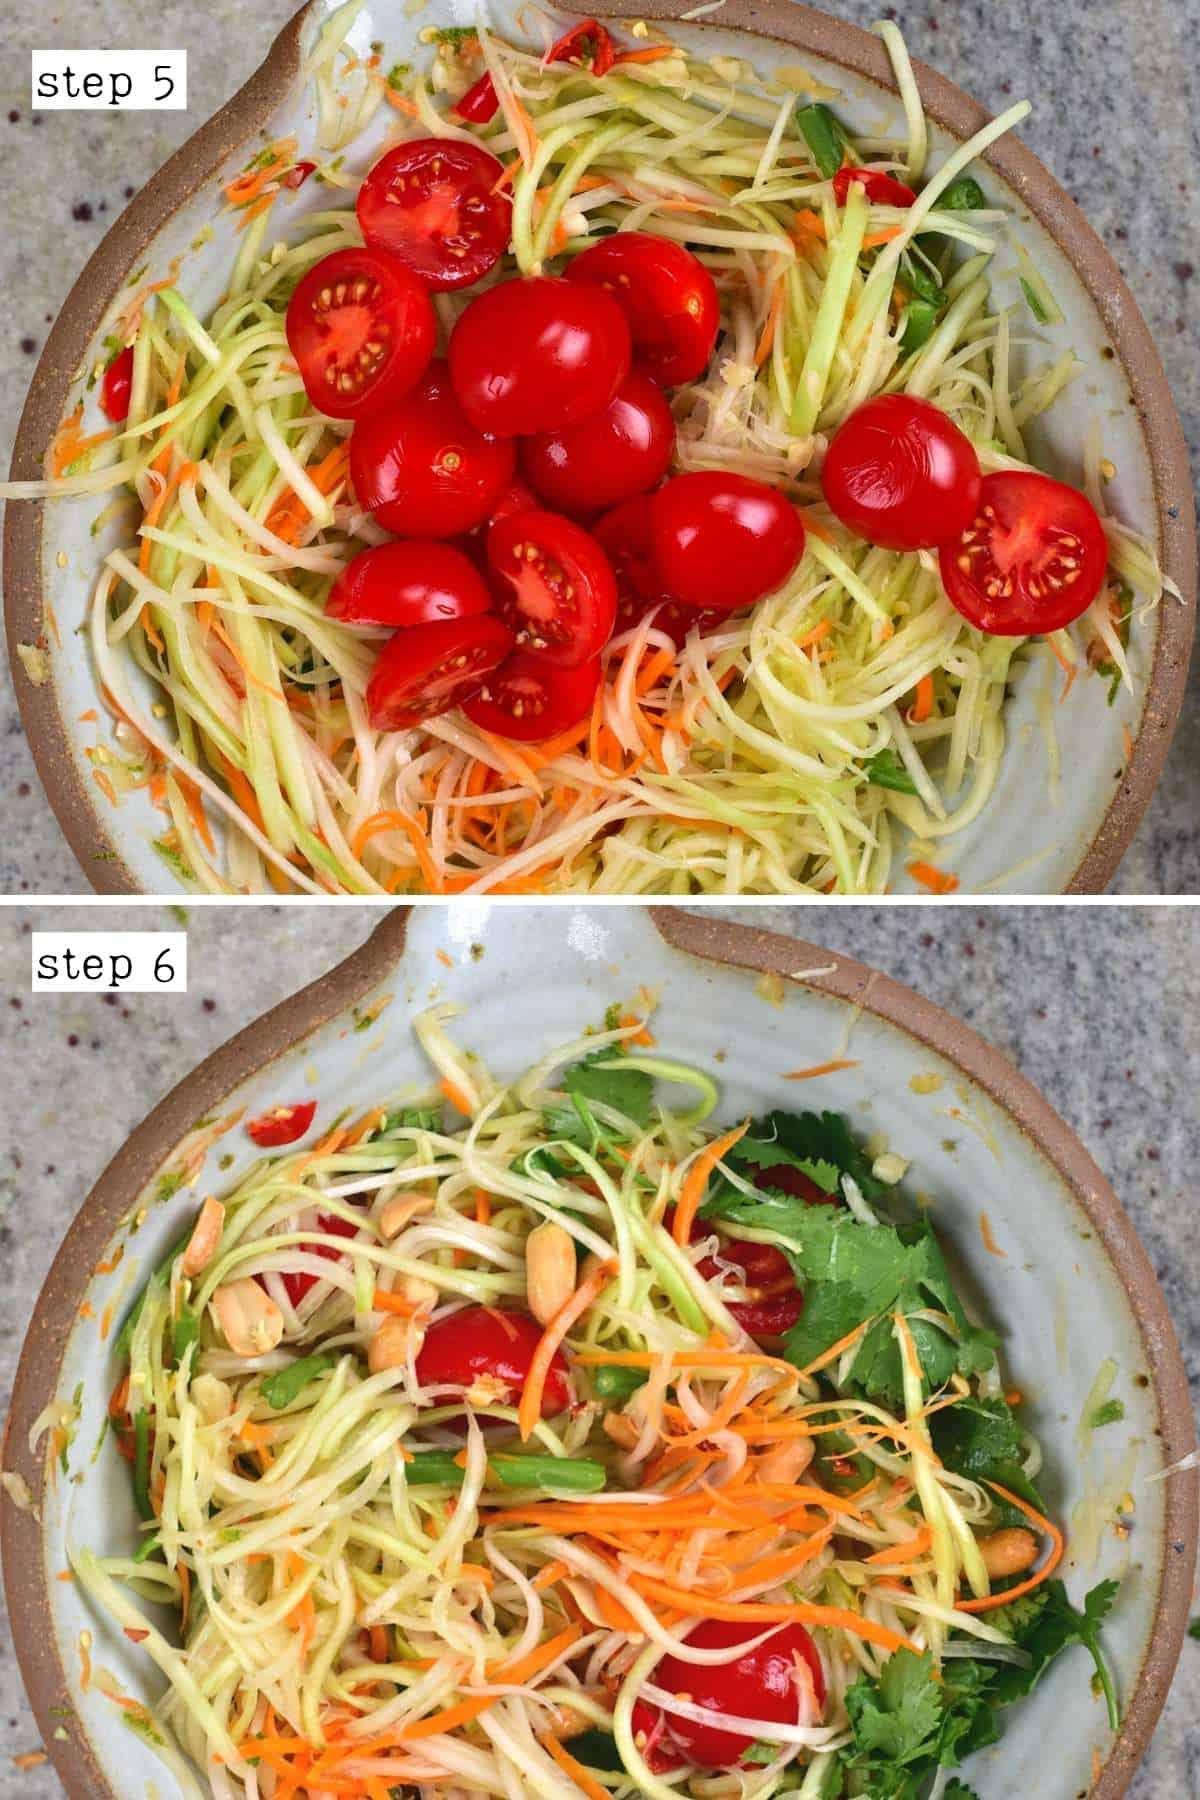 Steps for making a papaya salad